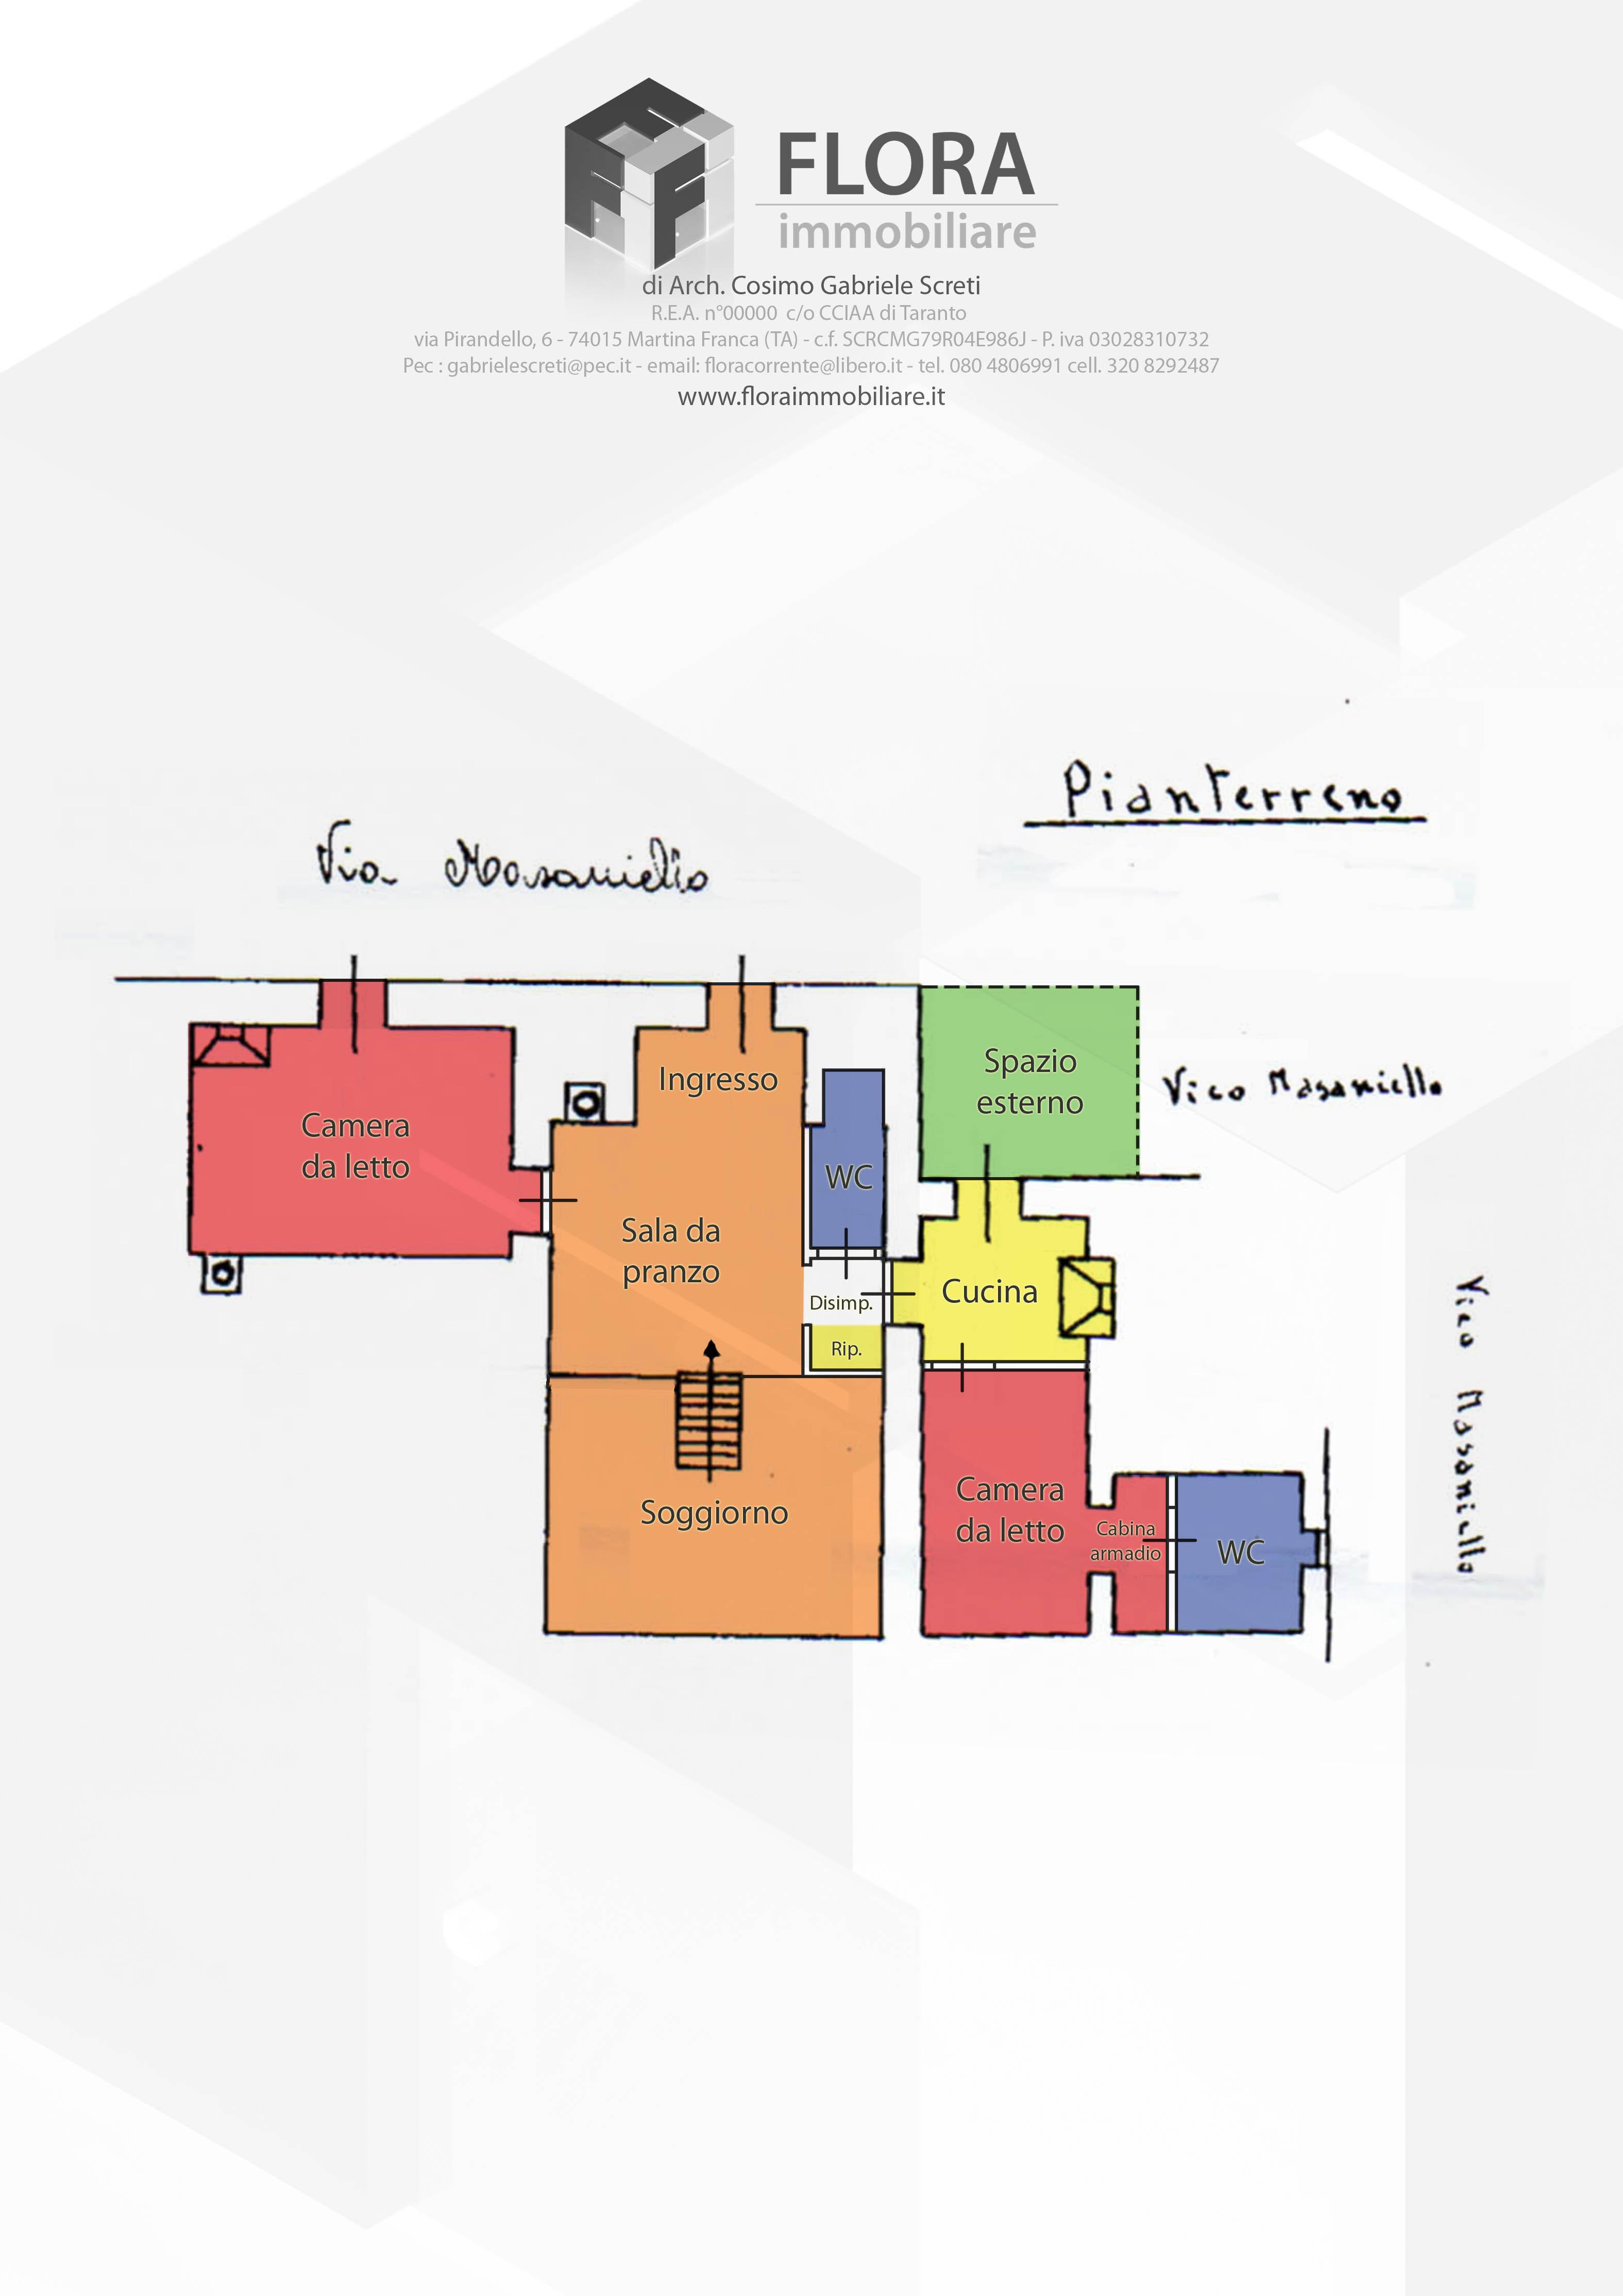 510 – Casa indipendente – via Masaniello – Martina Franca